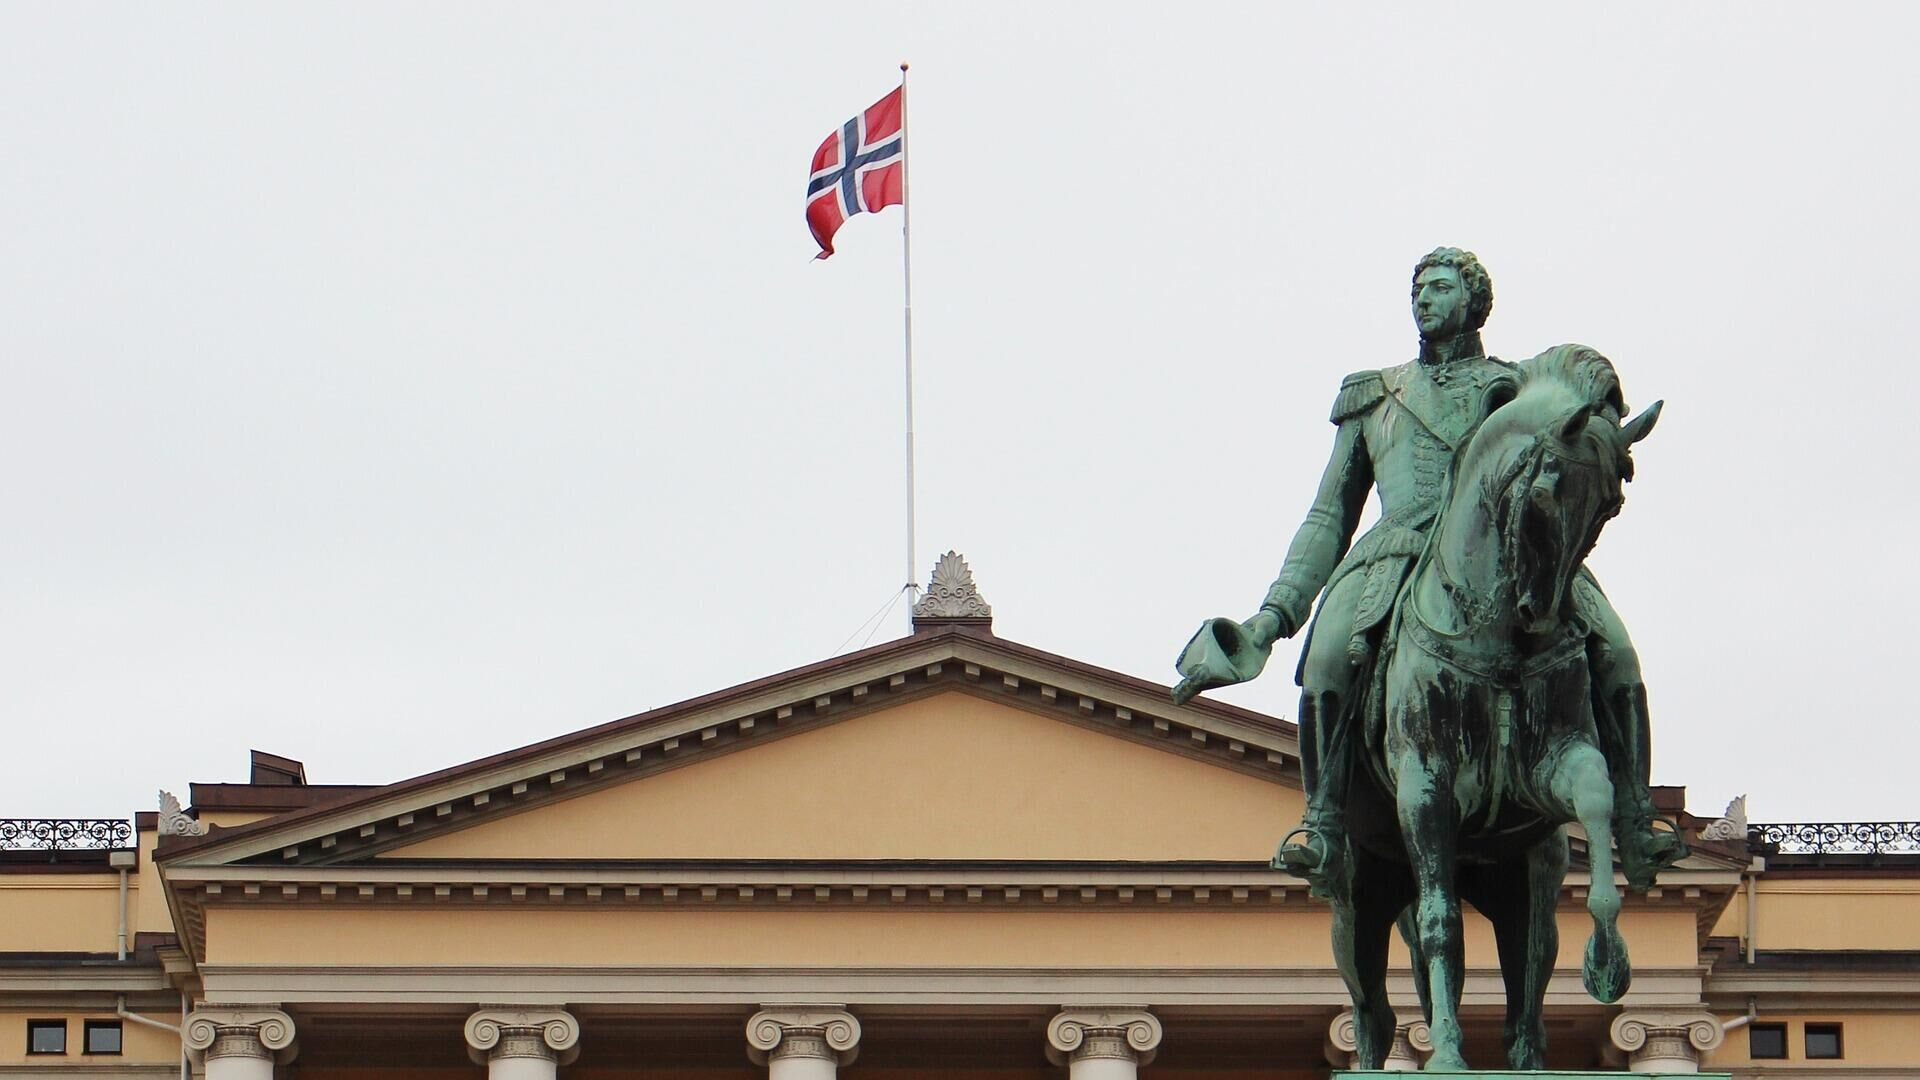 Oslo, Norwegen - SNA, 1920, 03.06.2021